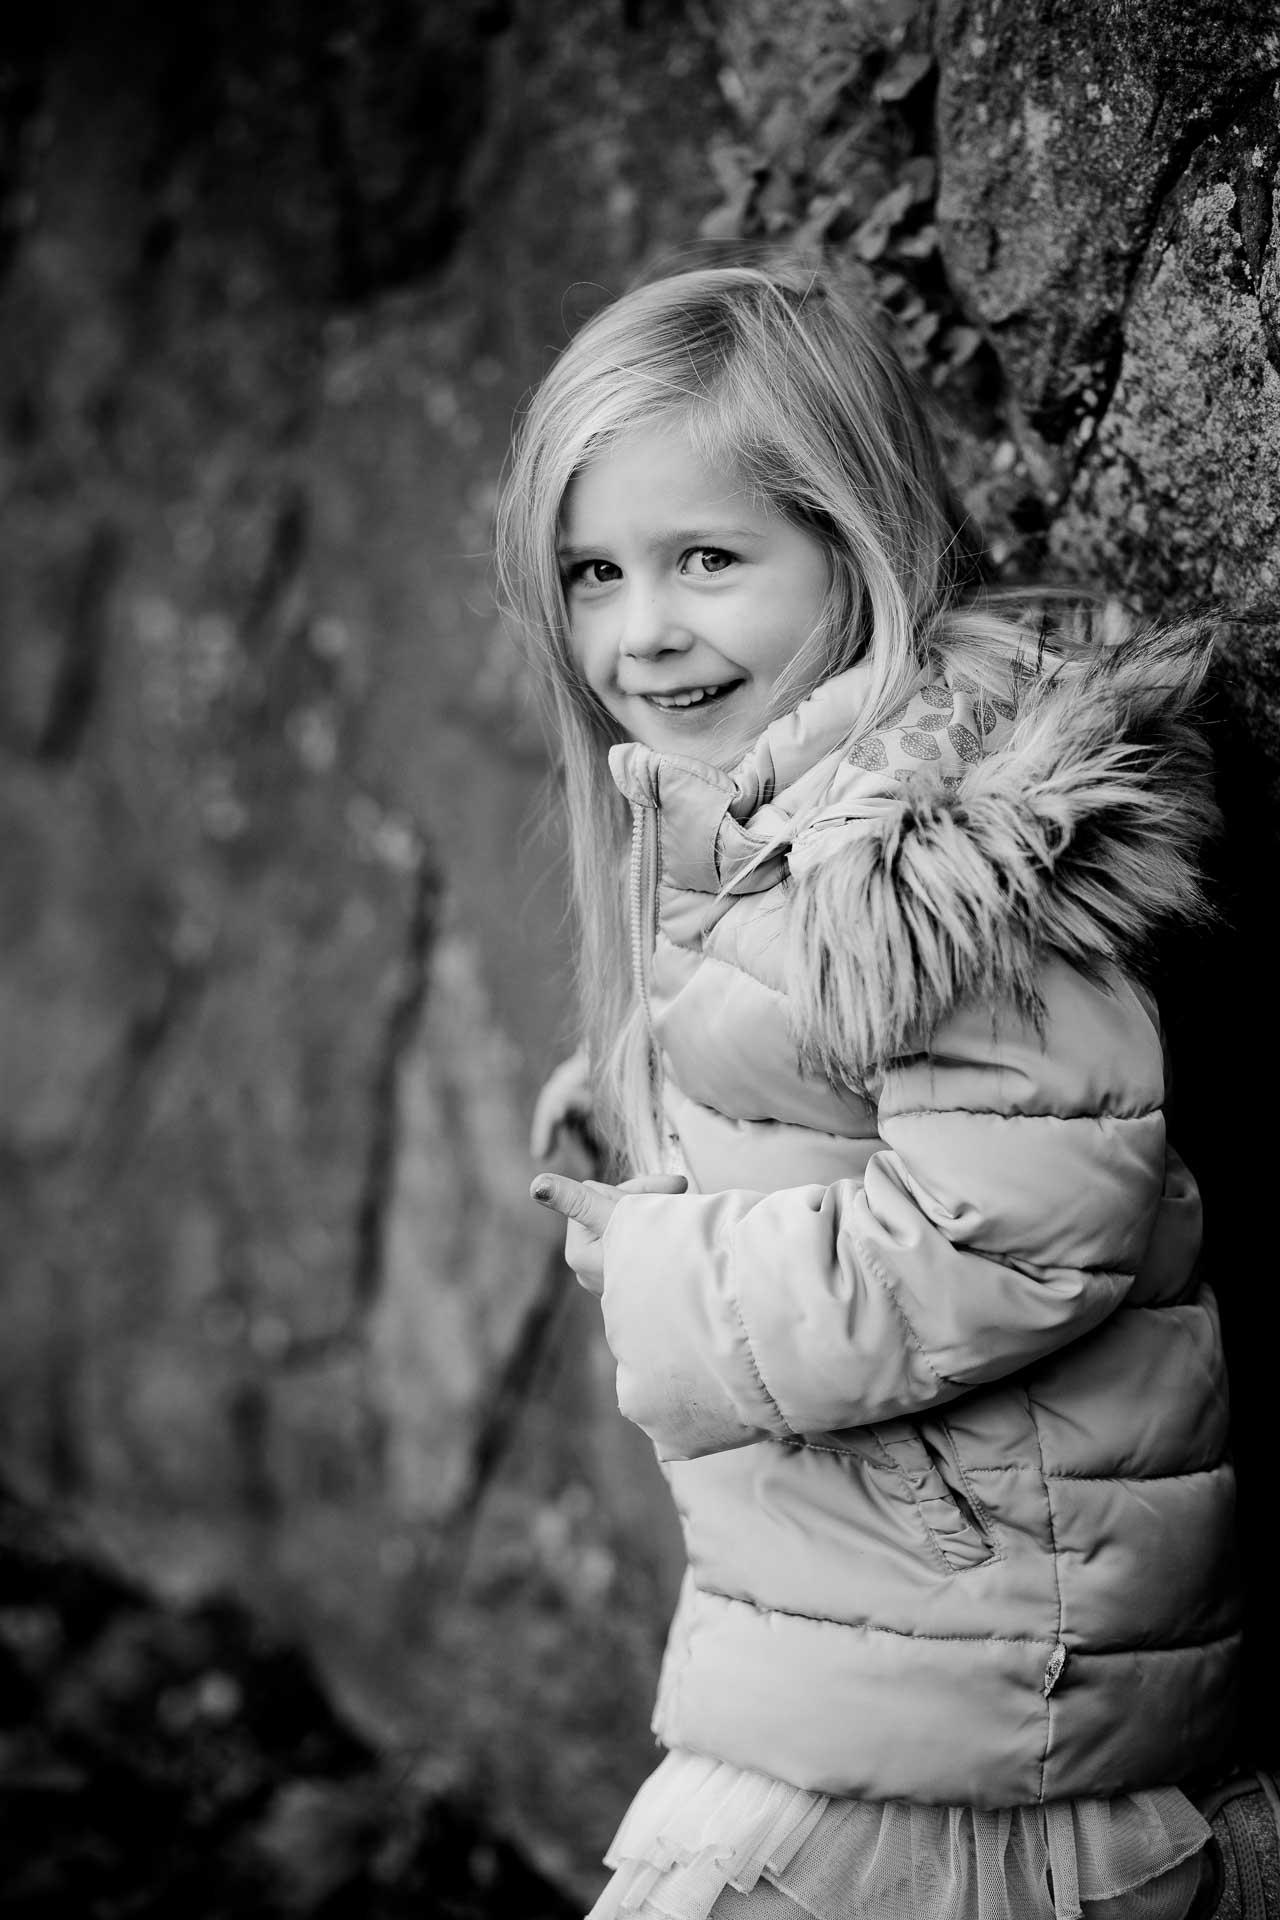 professionel børnefotograf.